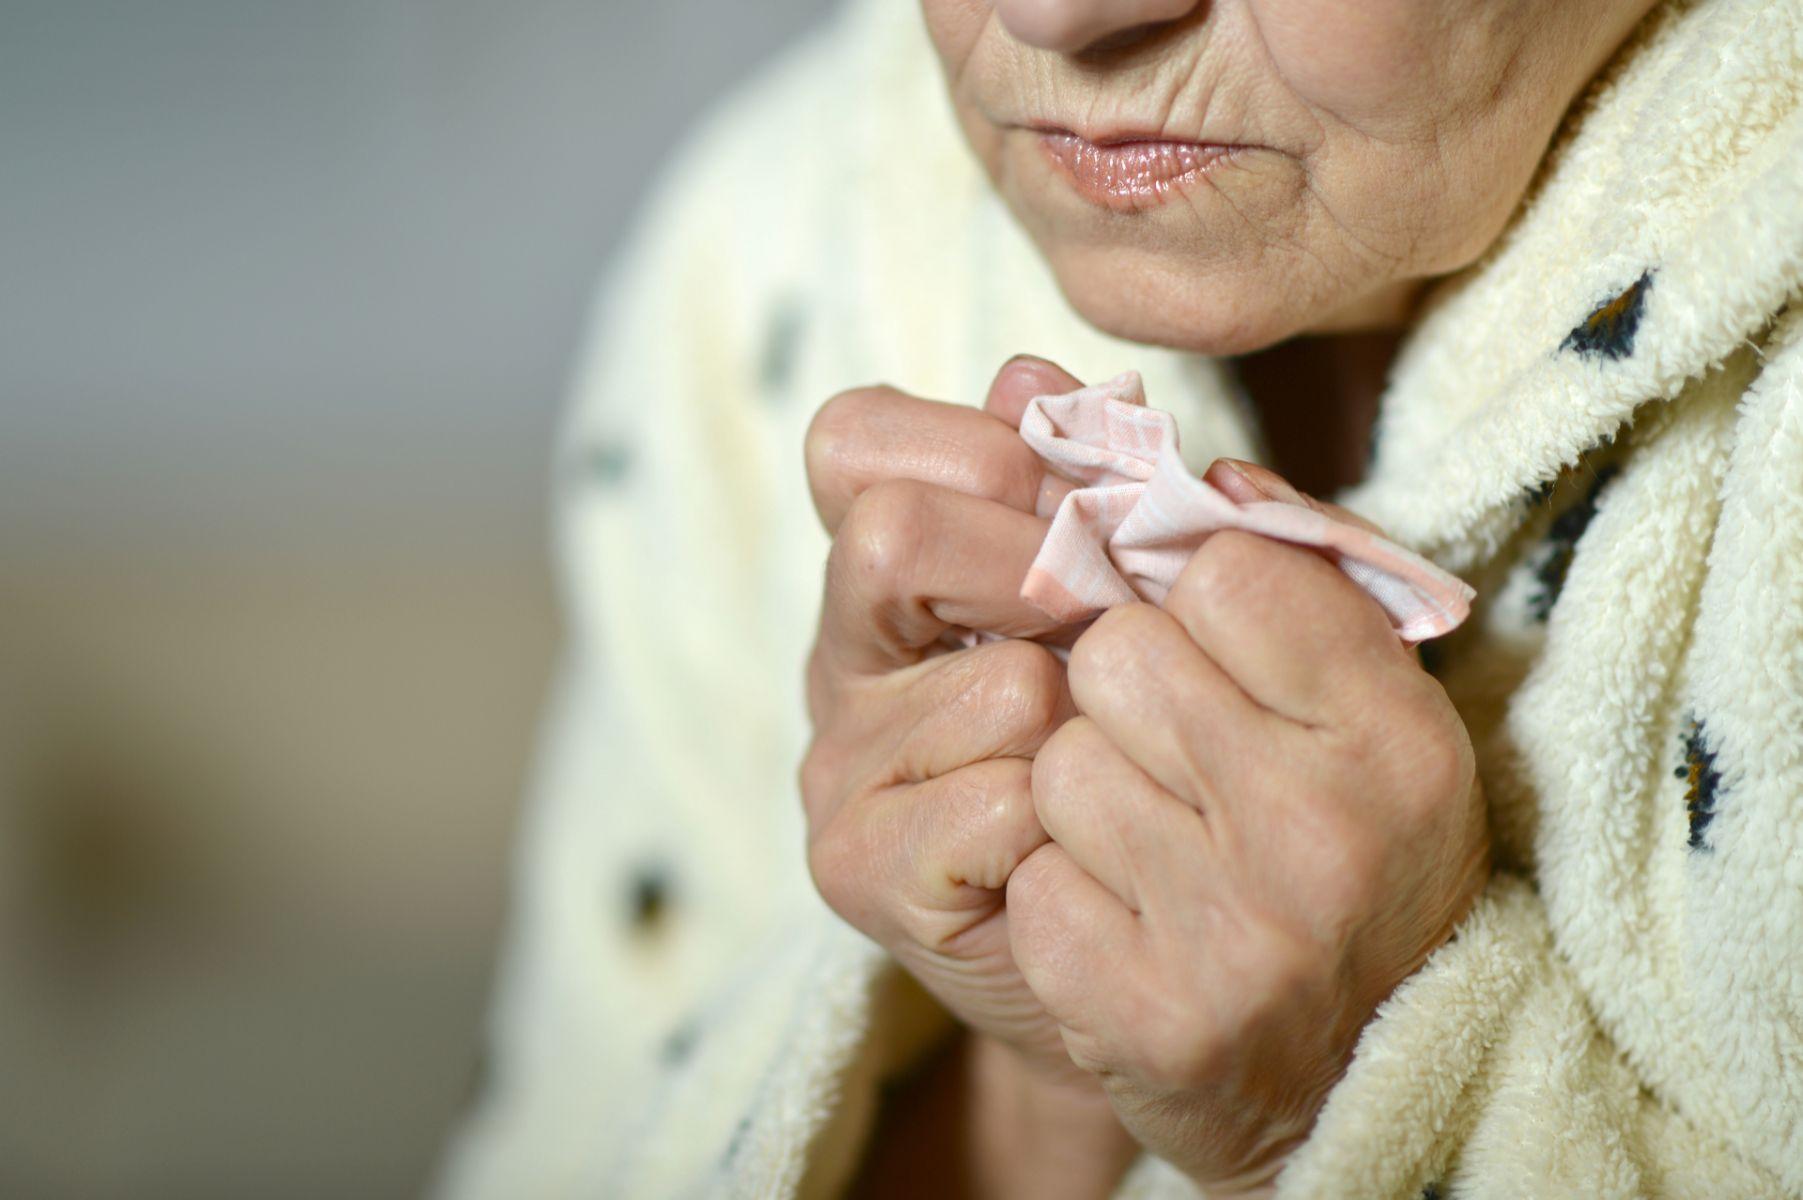 氣溫驟降對人體影響大 易引發氣喘、過敏、腦中風